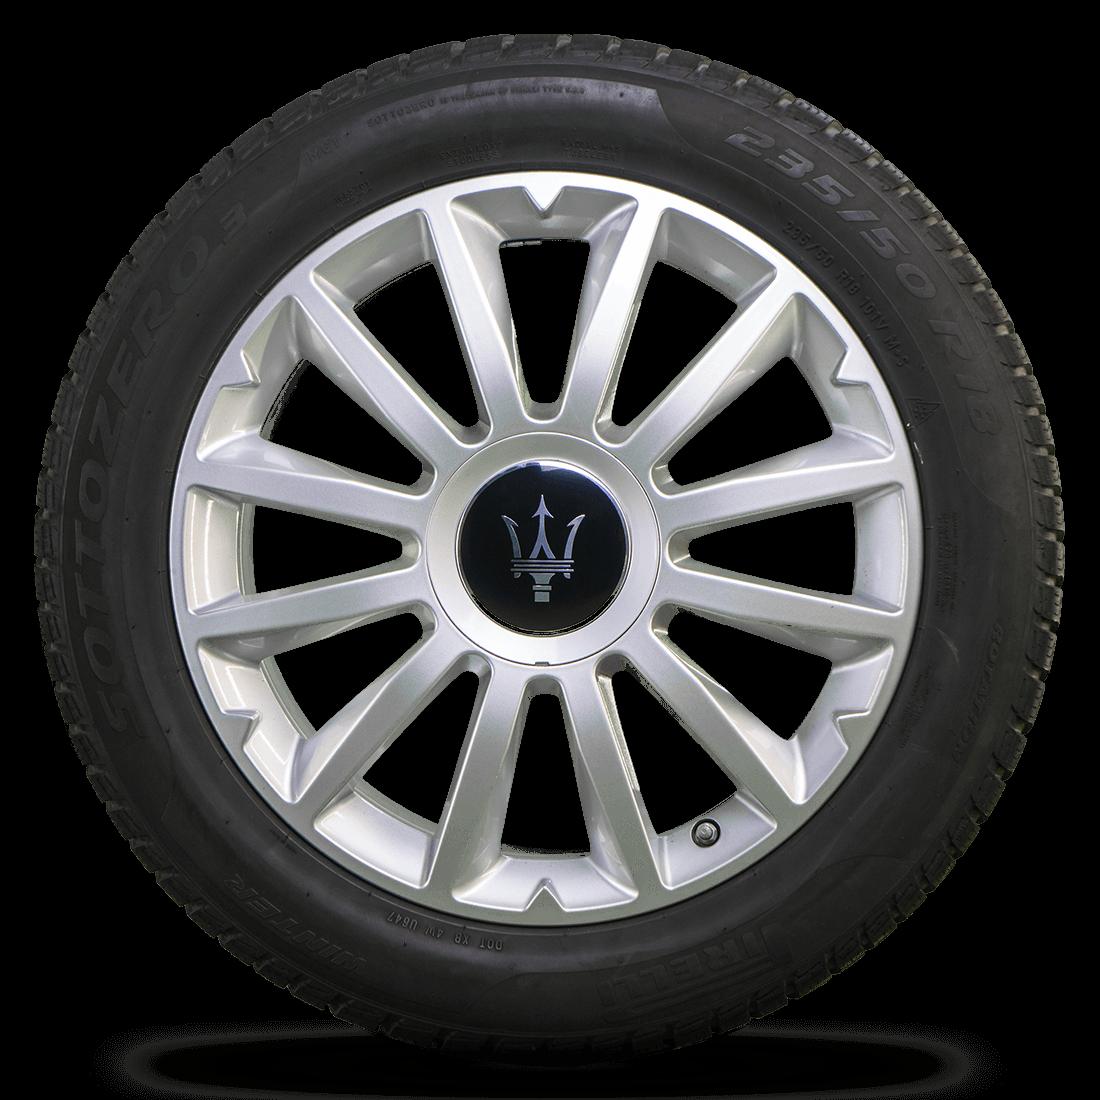 Maserati 18 Zoll Felgen Ghibli M157 Alfieri Design Winterreifen Winterräder 6 mm